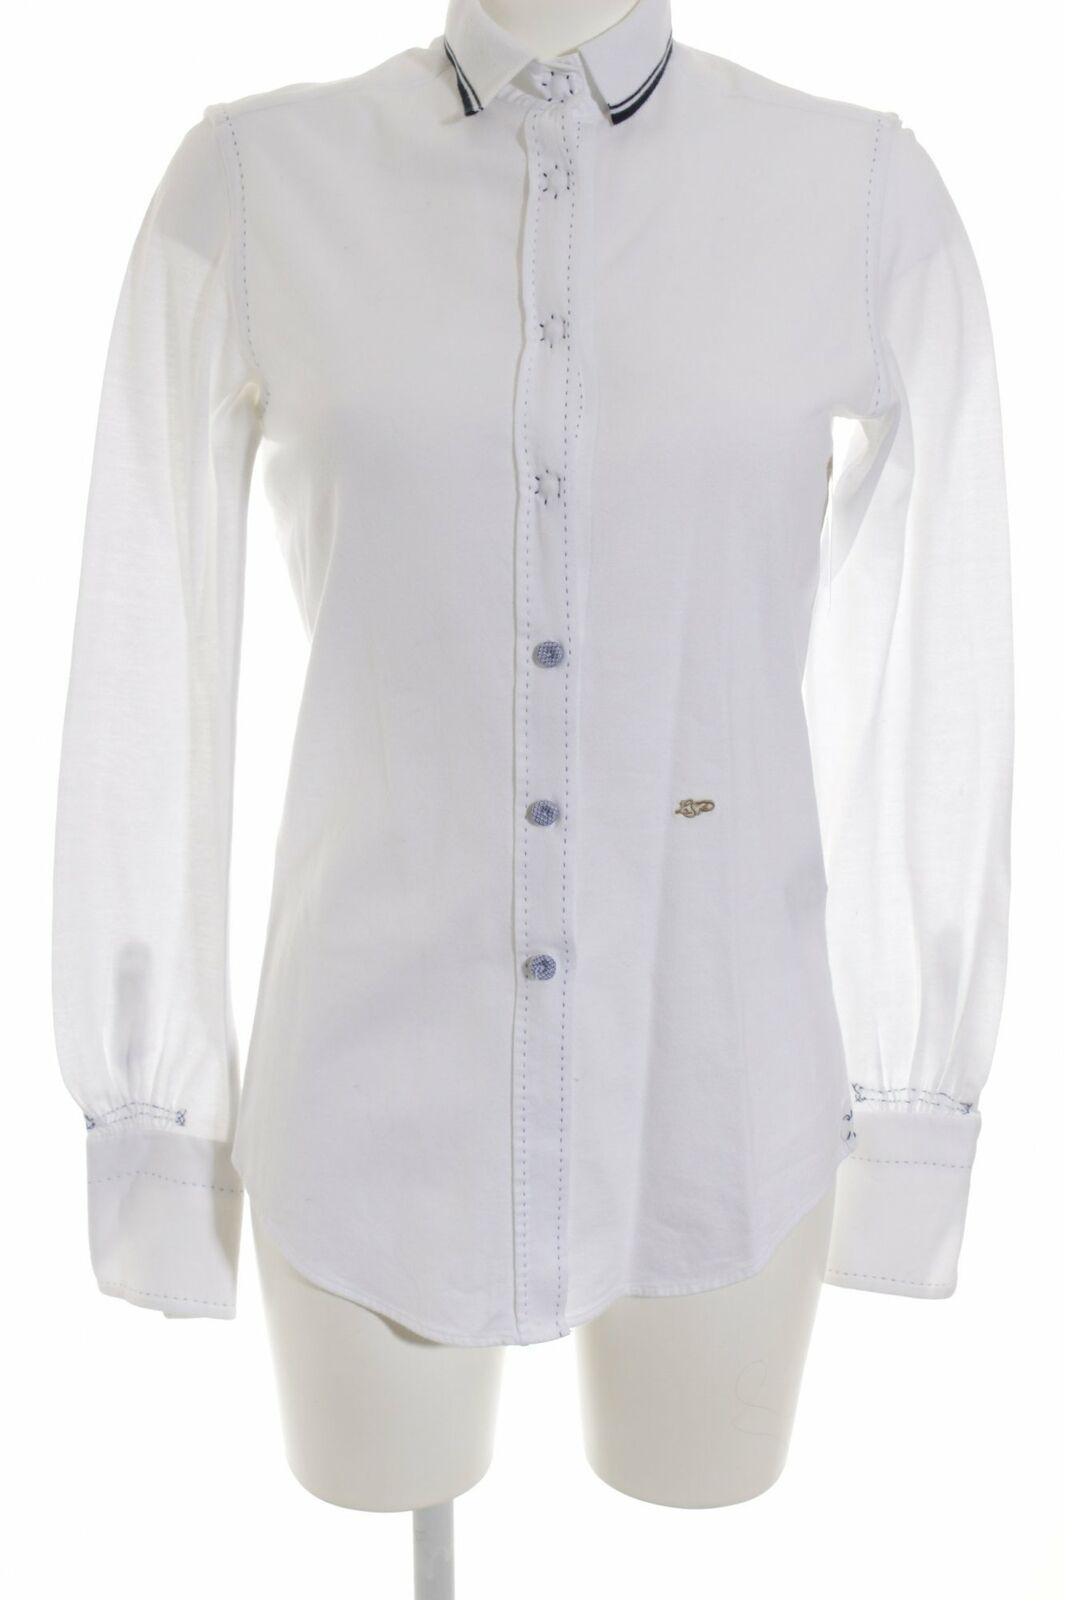 Le sarte pettegole manica lunga Camicia-Bianco-Blu Camicia-Bianco-Blu Camicia-Bianco-Blu Scuro Casual-look da donna tg. de 40 730d88